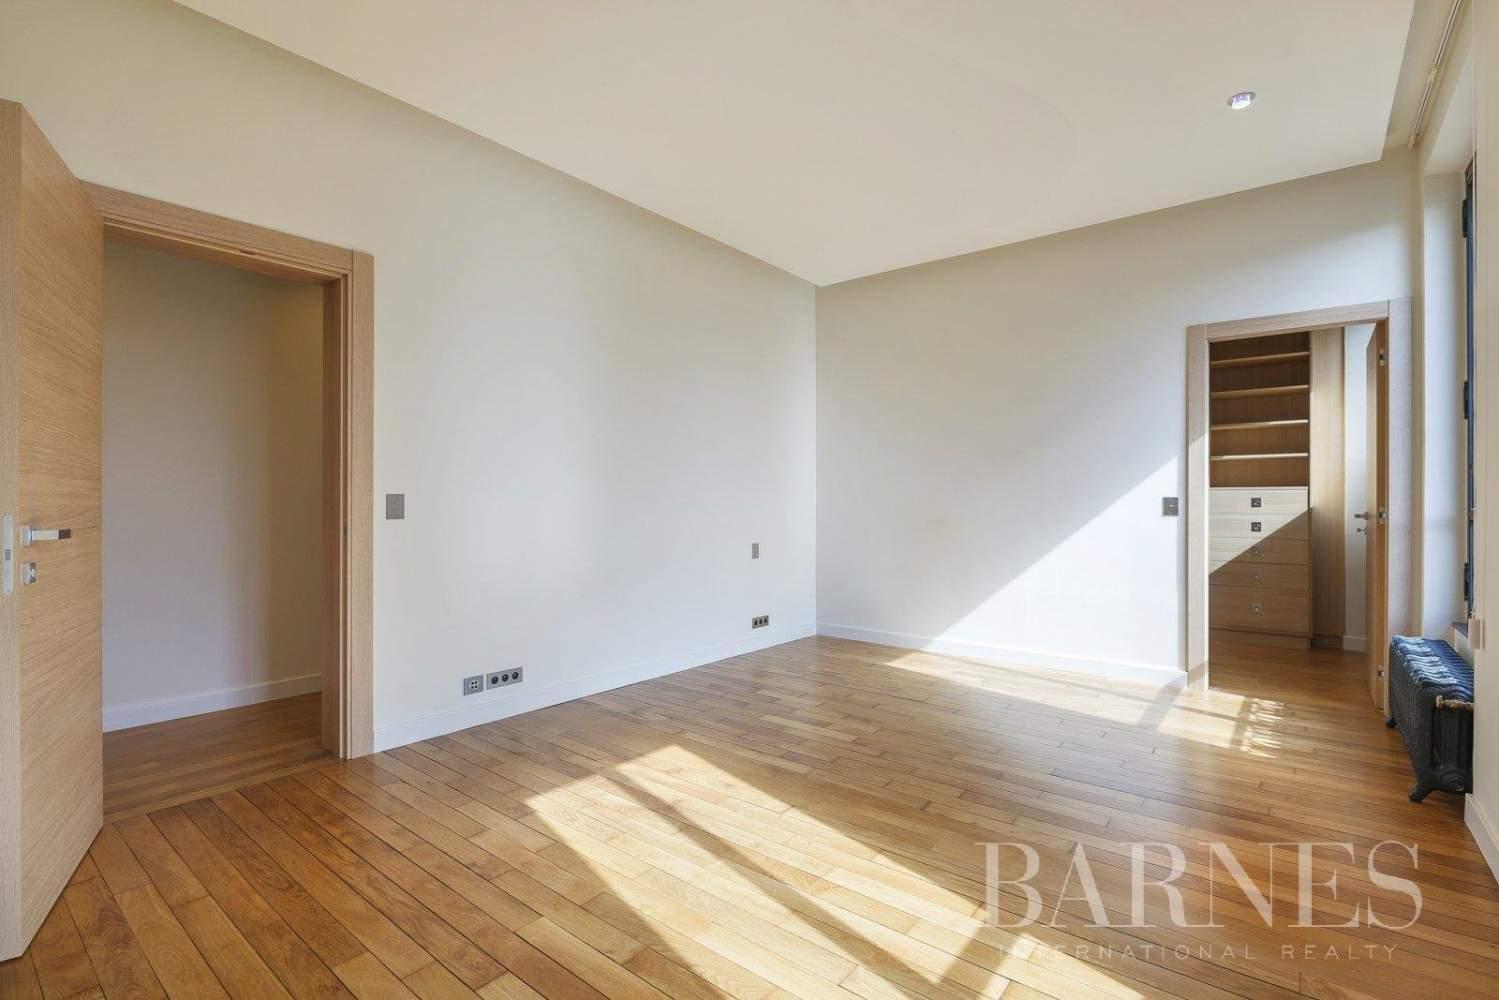 Saint-Germain-en-Laye  - Appartement 8 Pièces 6 Chambres - picture 15